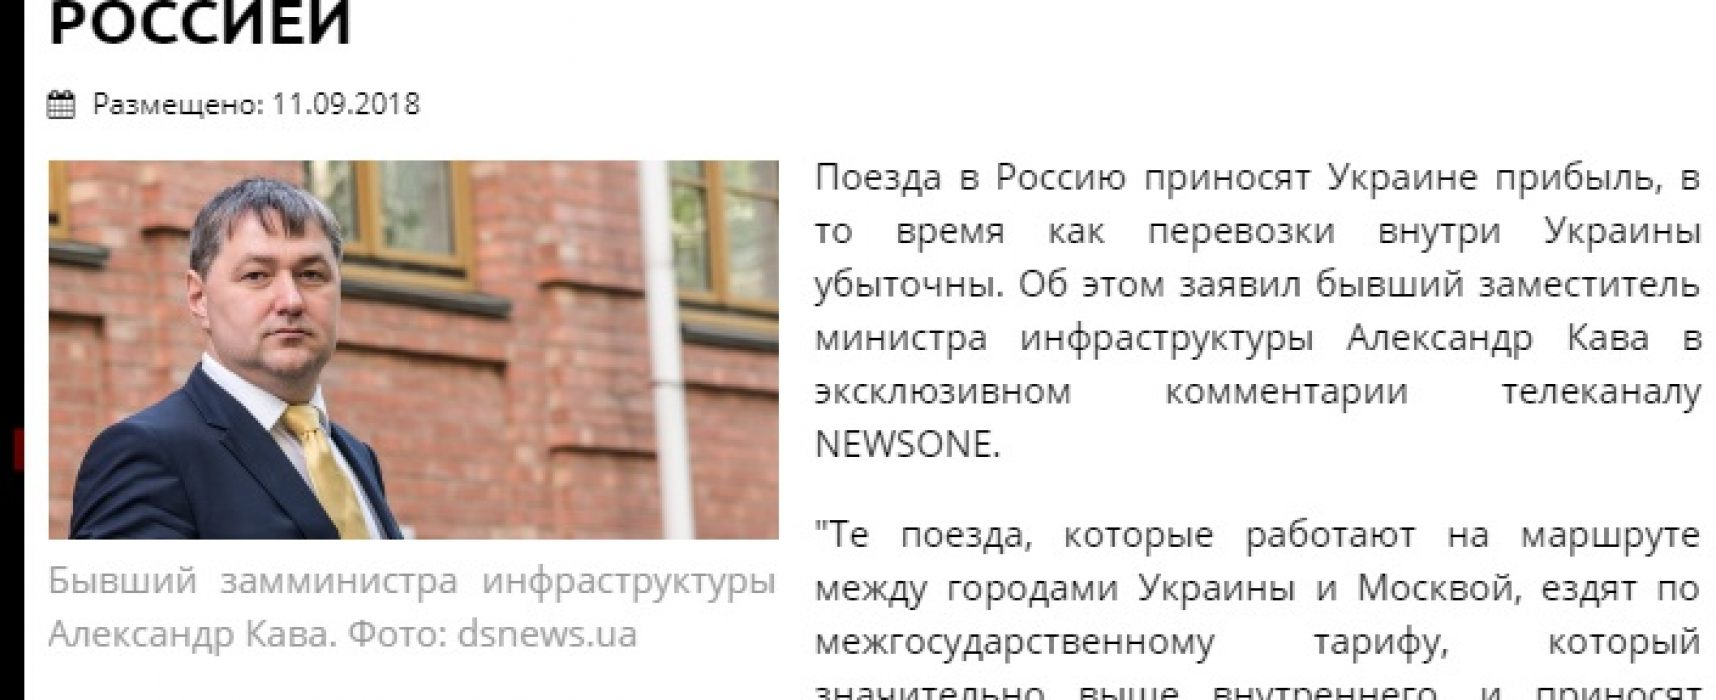 """Фейк: ПАТ """"Укрзалізниця"""" уволит 5 тысяч сотрудников из-за отмены ж/д сообщения с Россией"""